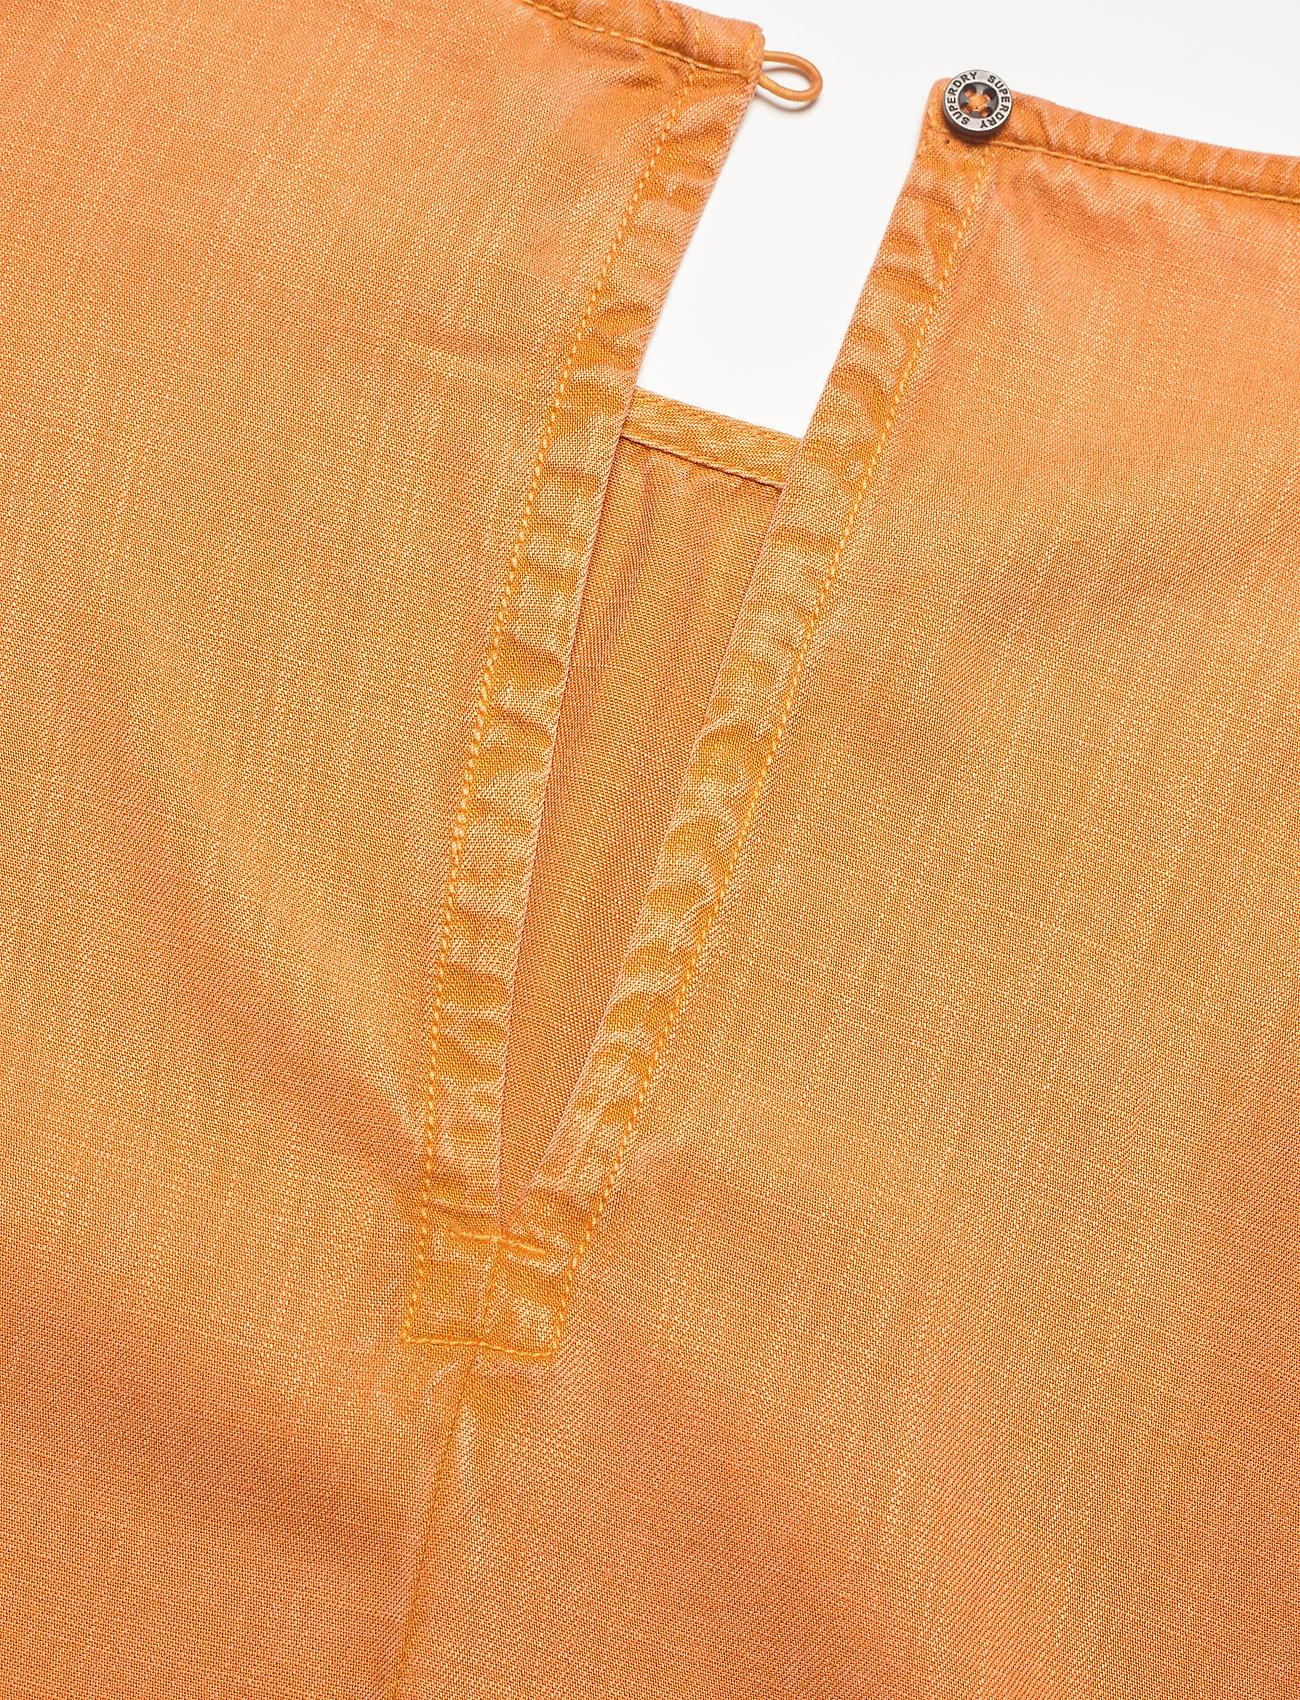 Superdry - WOVEN TSHIRT - short-sleeved blouses - sunset - 3